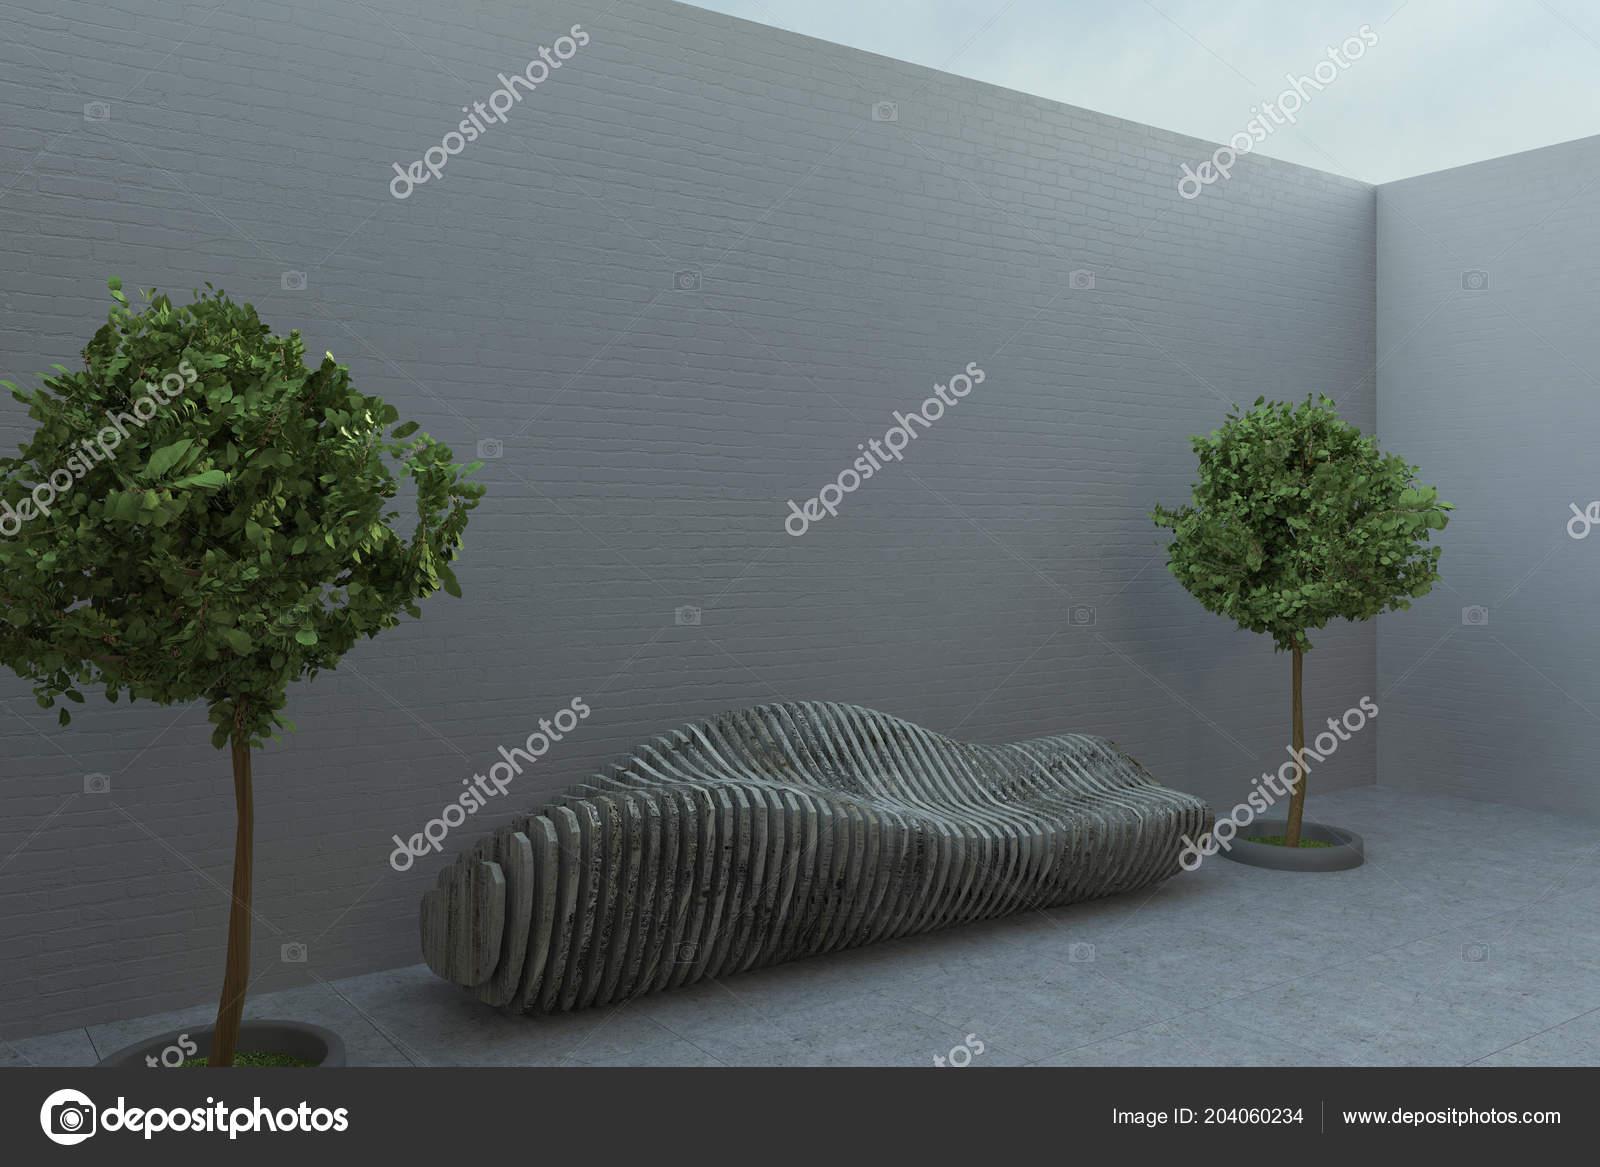 Houten Bankje Grijs.Zijaanzicht Futuristische Houten Bankje Tussen Twee Bashes Potten